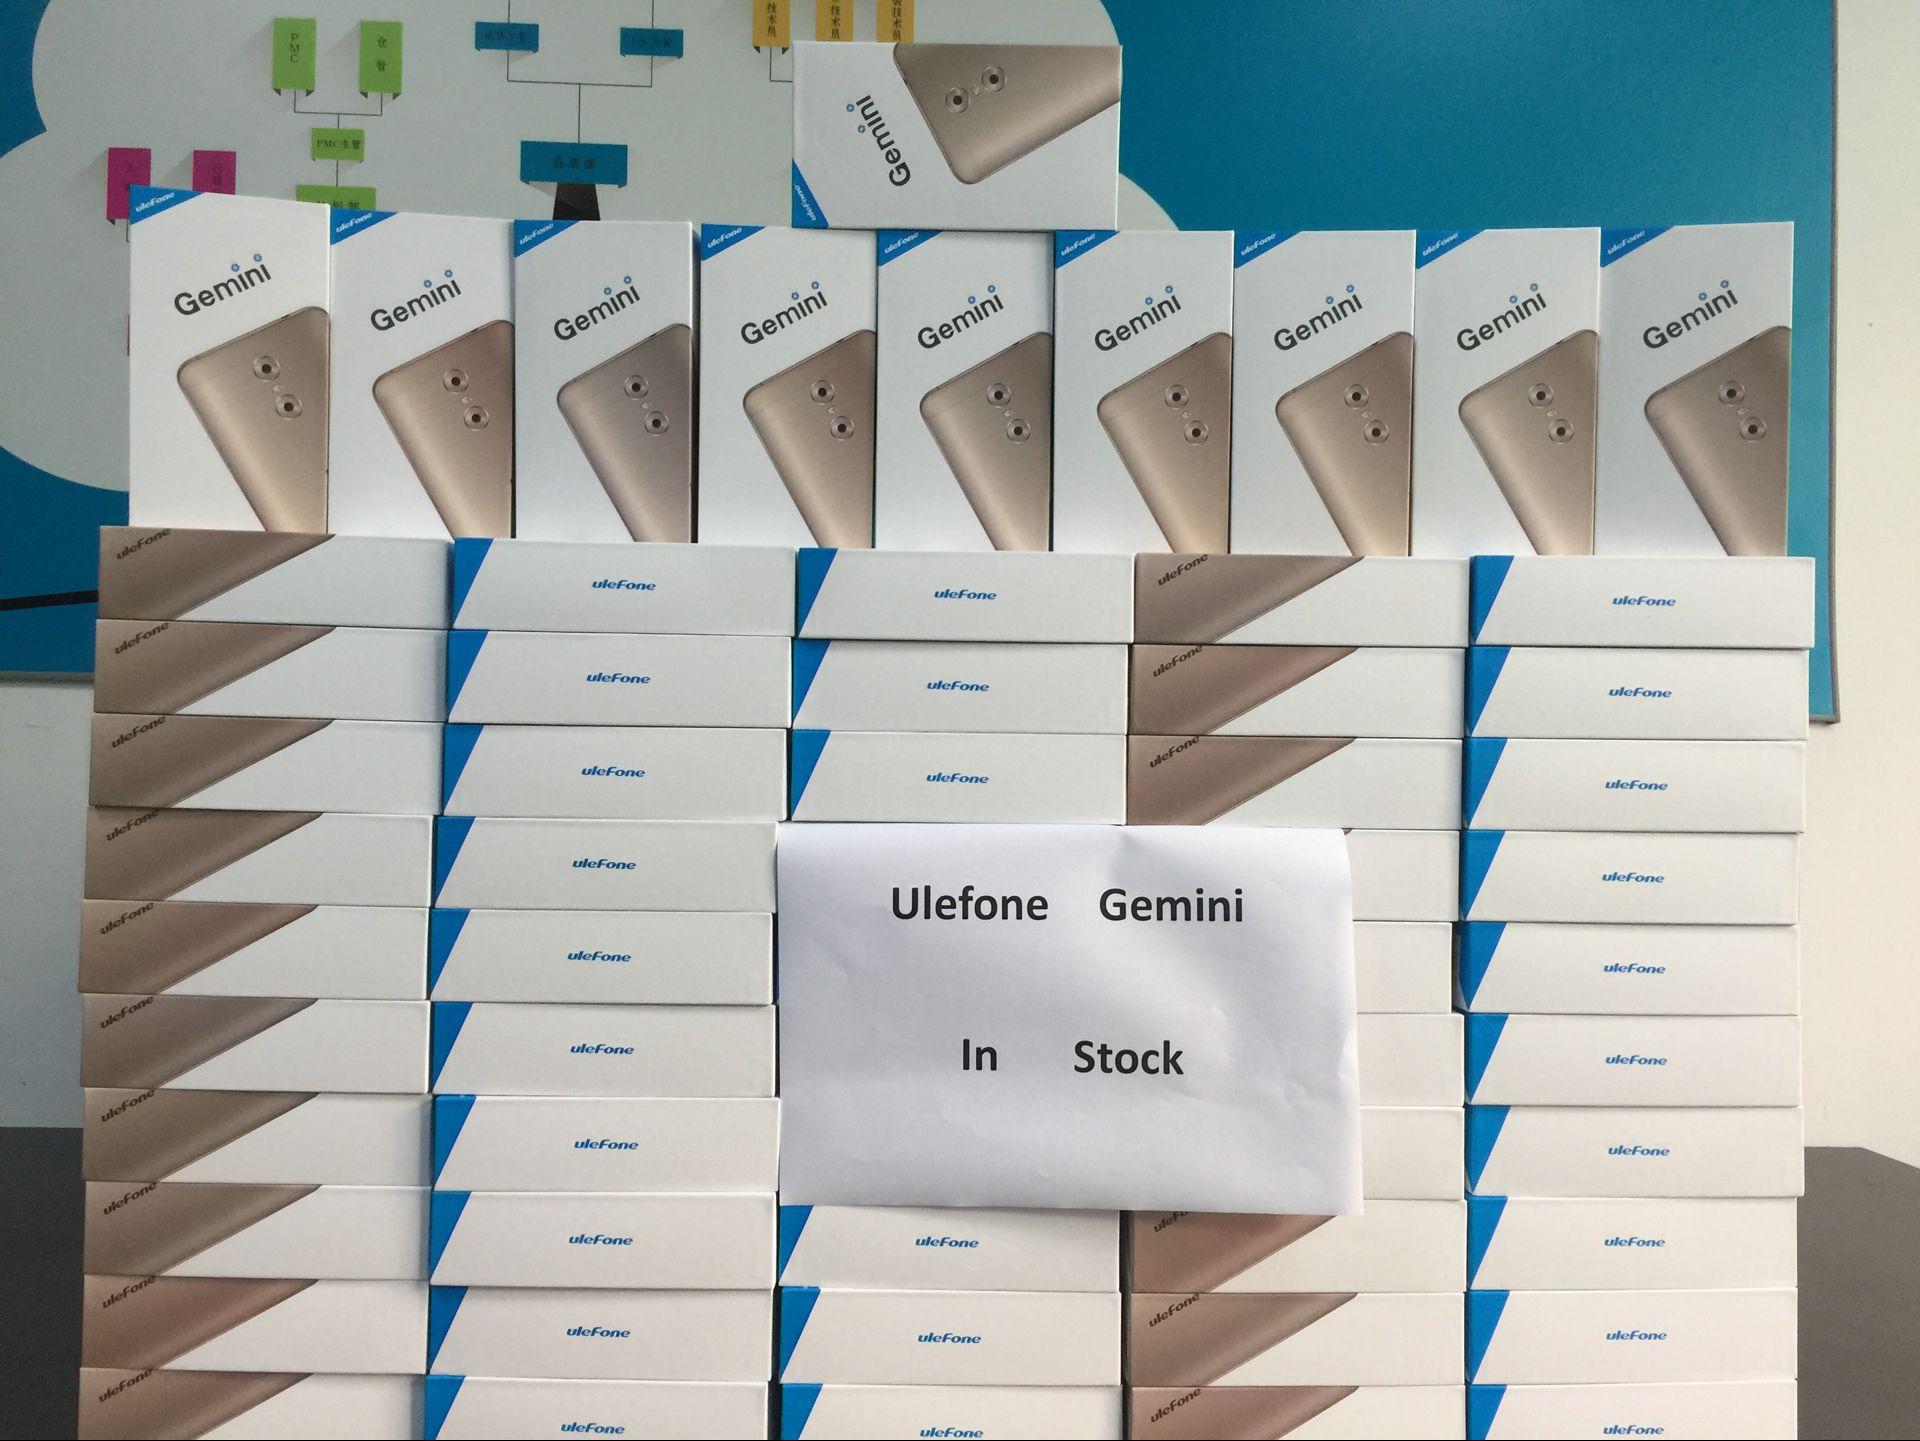 Ulefone Gemini in Stock